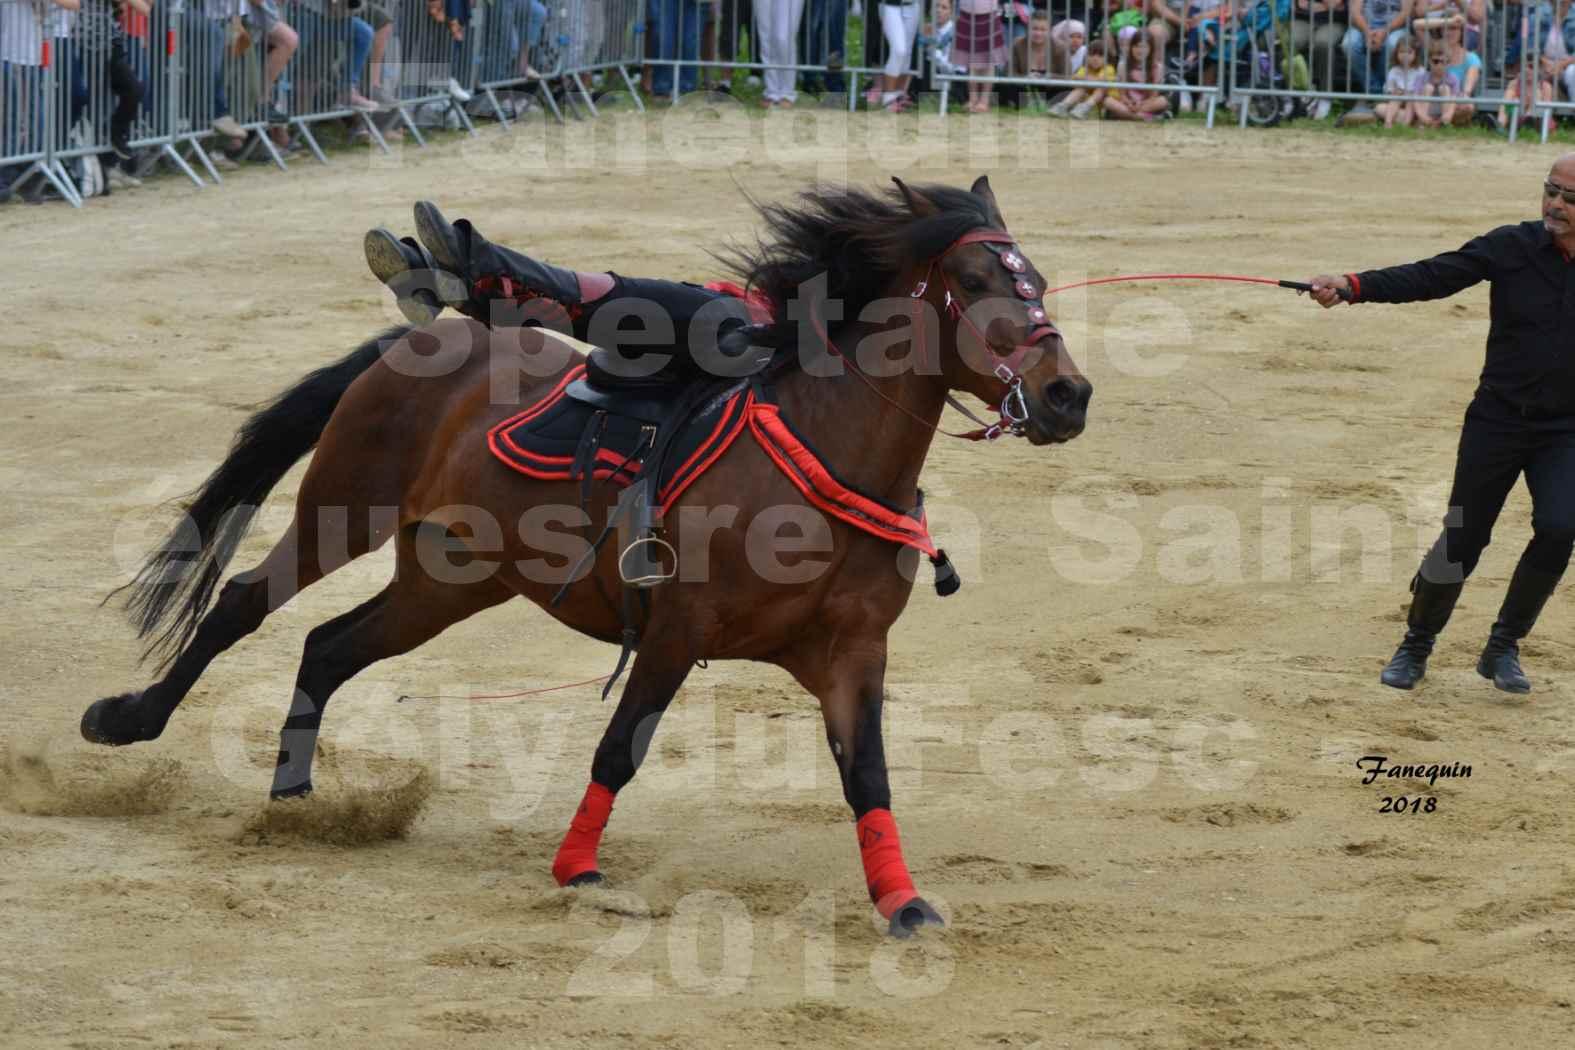 Spectacle Équestre le 3 juin 2018 à Saint Gély du Fesc - Voltige équestre - Troupe de Jean Antoine FIRMIN - 19